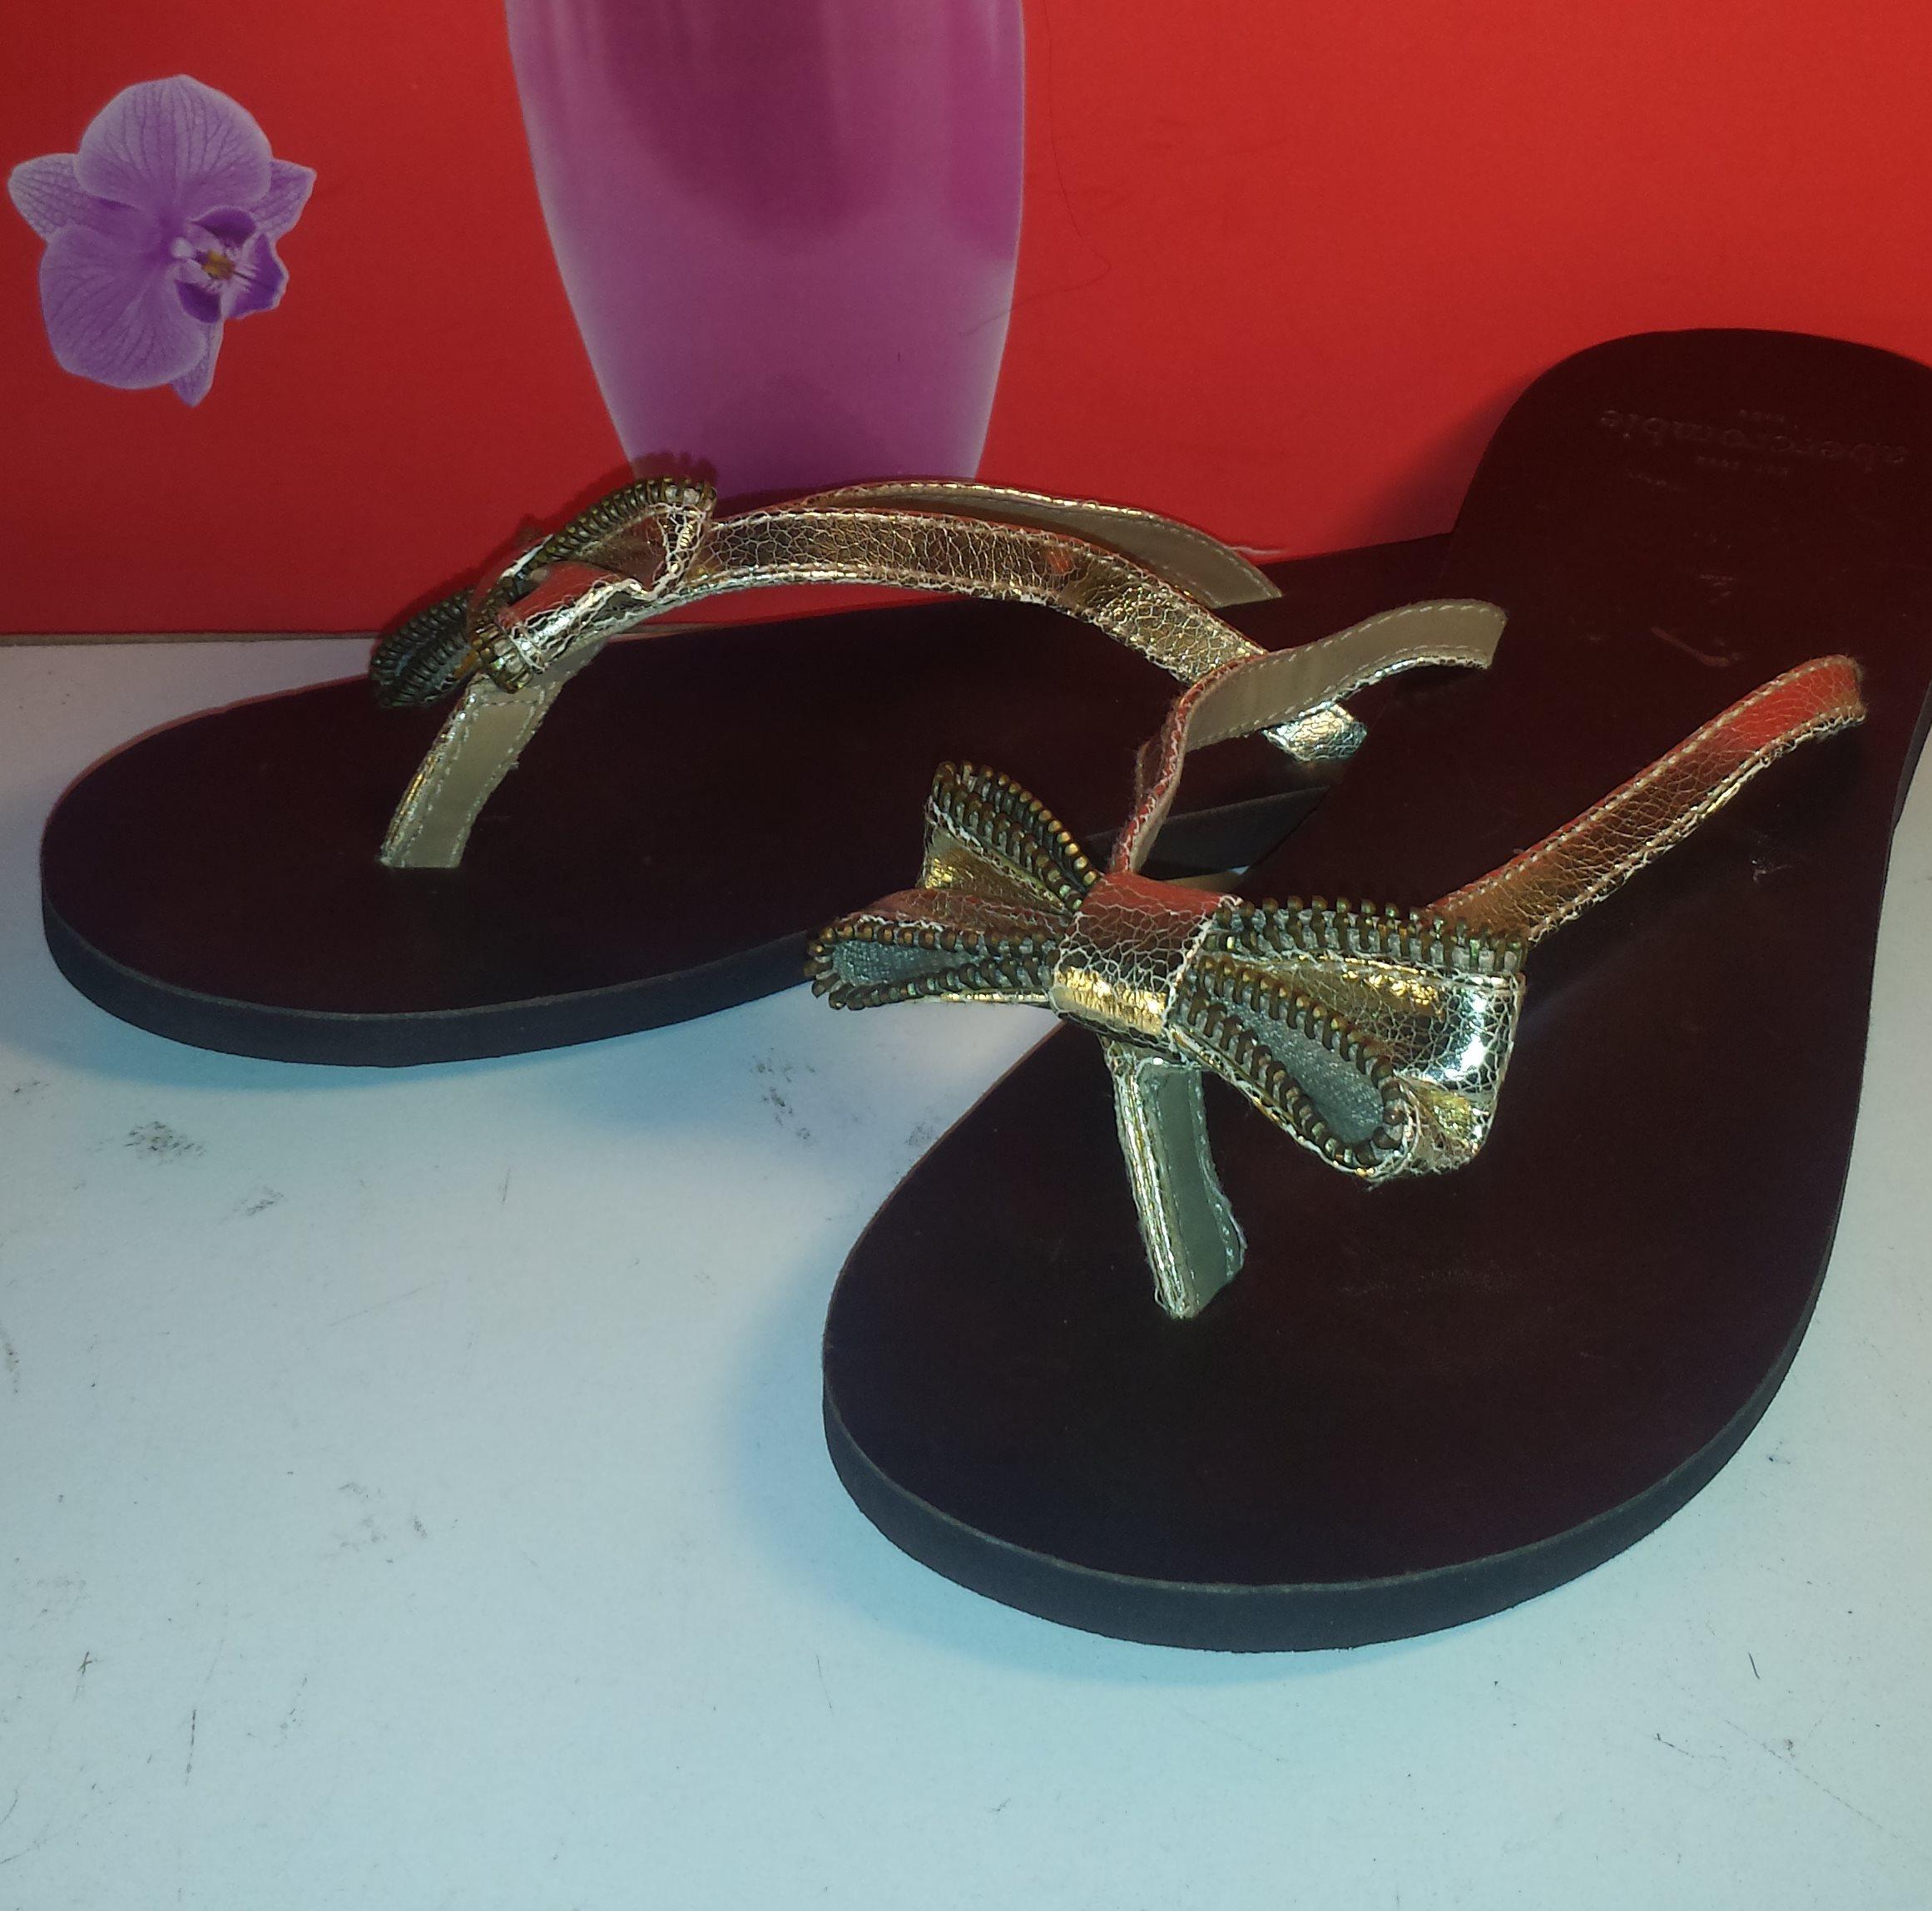 b630fb7de Abercrombie   Fitch Women s Brown Leather Flip Flops Gold Bow Sandals -  Thumbnail ...